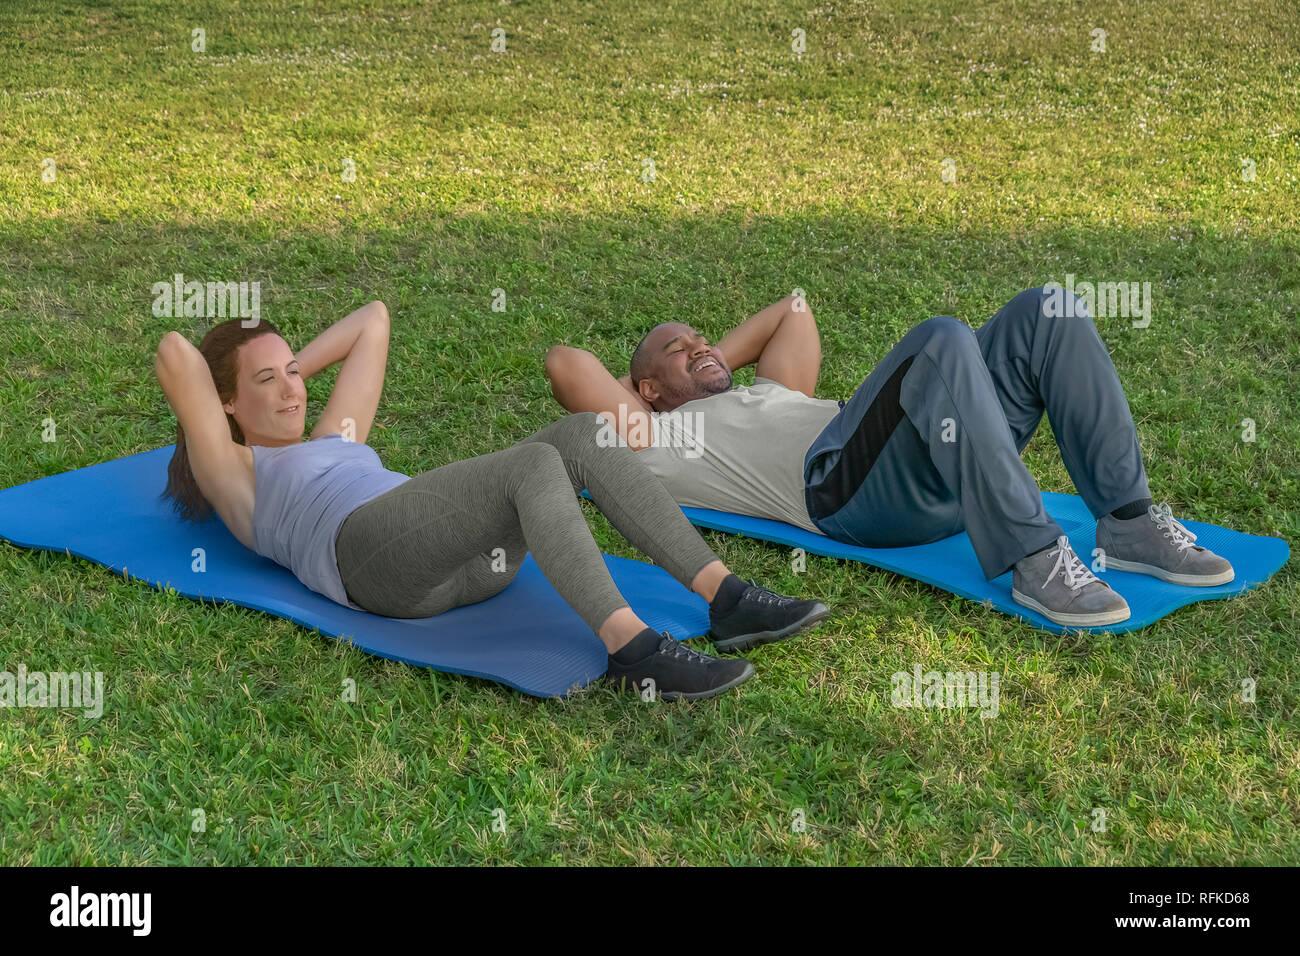 Empiezan haciendo situps sobre colchonetas para yoga en el césped como parte de la rutina de ejercicios. Una vida saludable es importante para una pareja moderna. Imagen De Stock